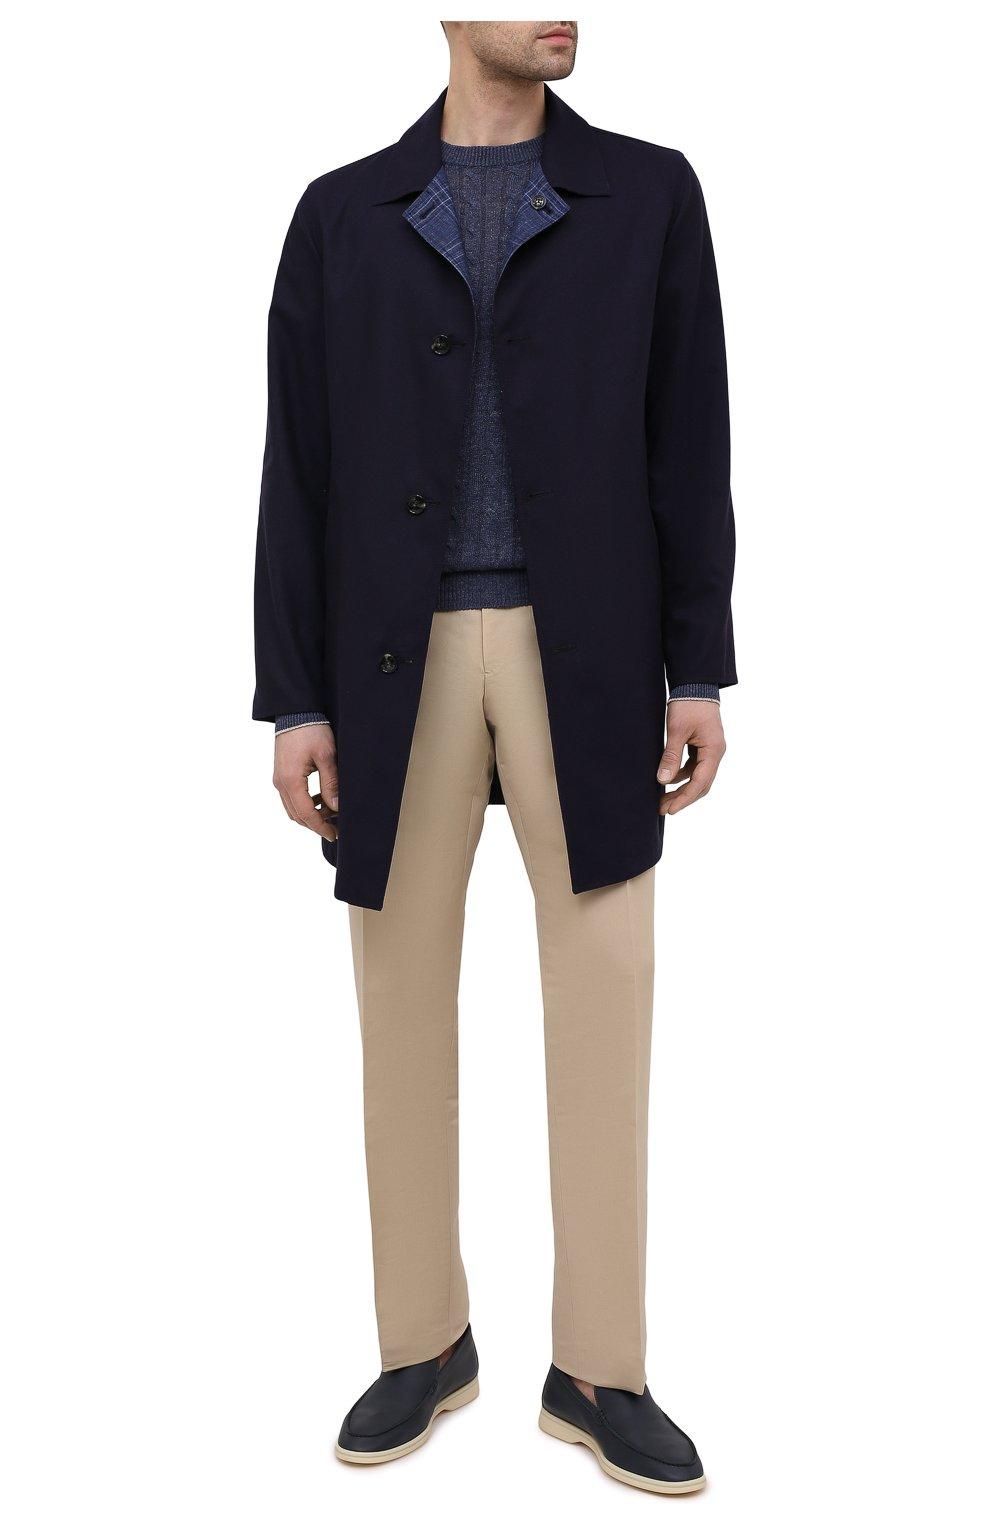 Мужской двусторонний плащ KITON темно-синего цвета, арт. UW0852CV07T80 | Фото 2 (Мужское Кросс-КТ: Плащ-верхняя одежда; Материал внешний: Шерсть, Шелк, Кашемир; Материал утеплителя: Шерсть; Рукава: Длинные; Длина (верхняя одежда): До середины бедра; Стили: Классический)